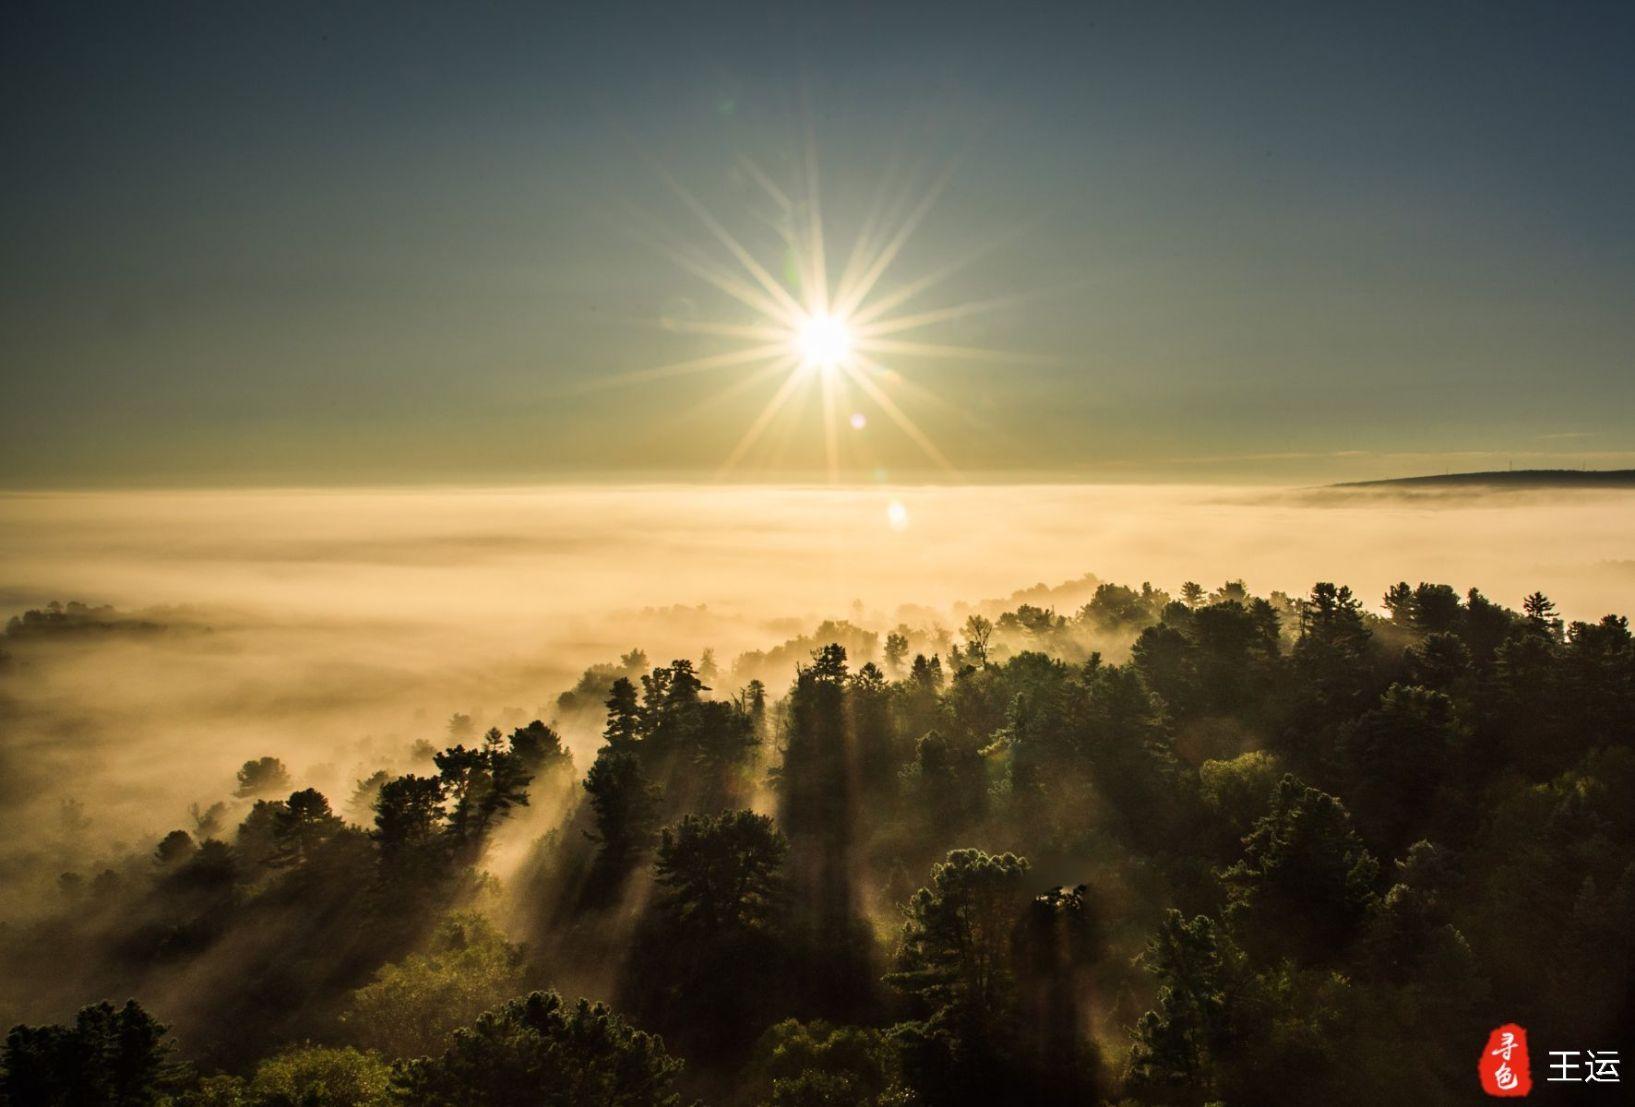 五营--大森林的清晨图片